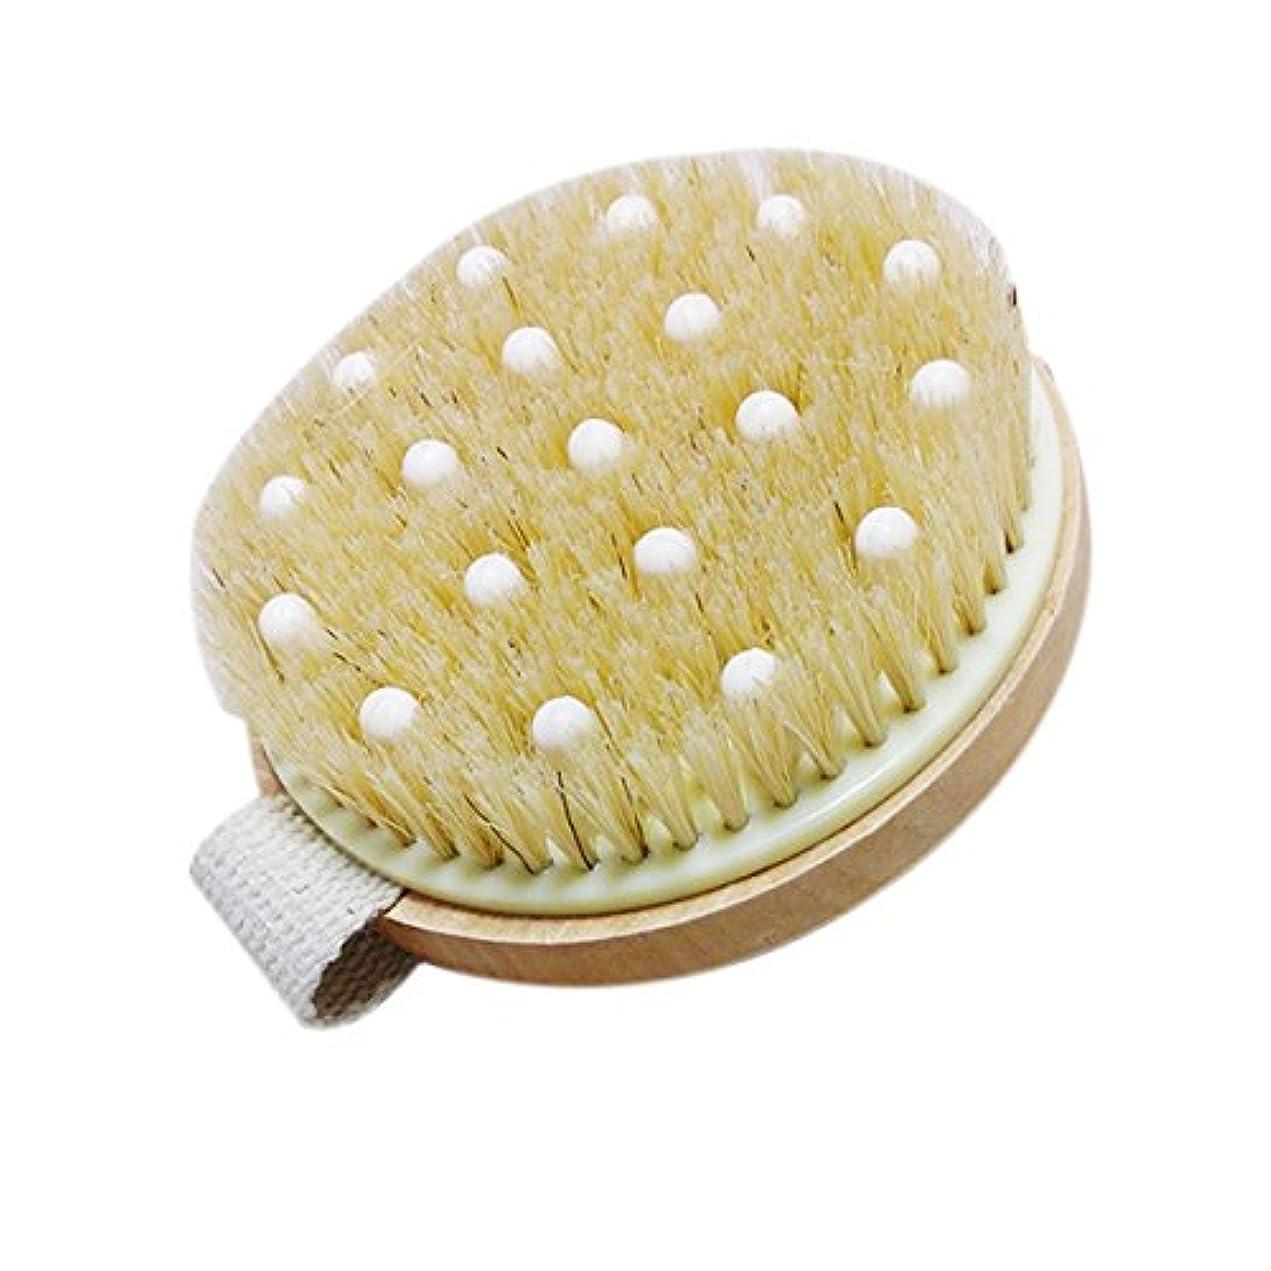 動揺させる裁量植物のTOPBATHY バンド付きバスシャワー剛毛ブラシマッサージボディブラシ